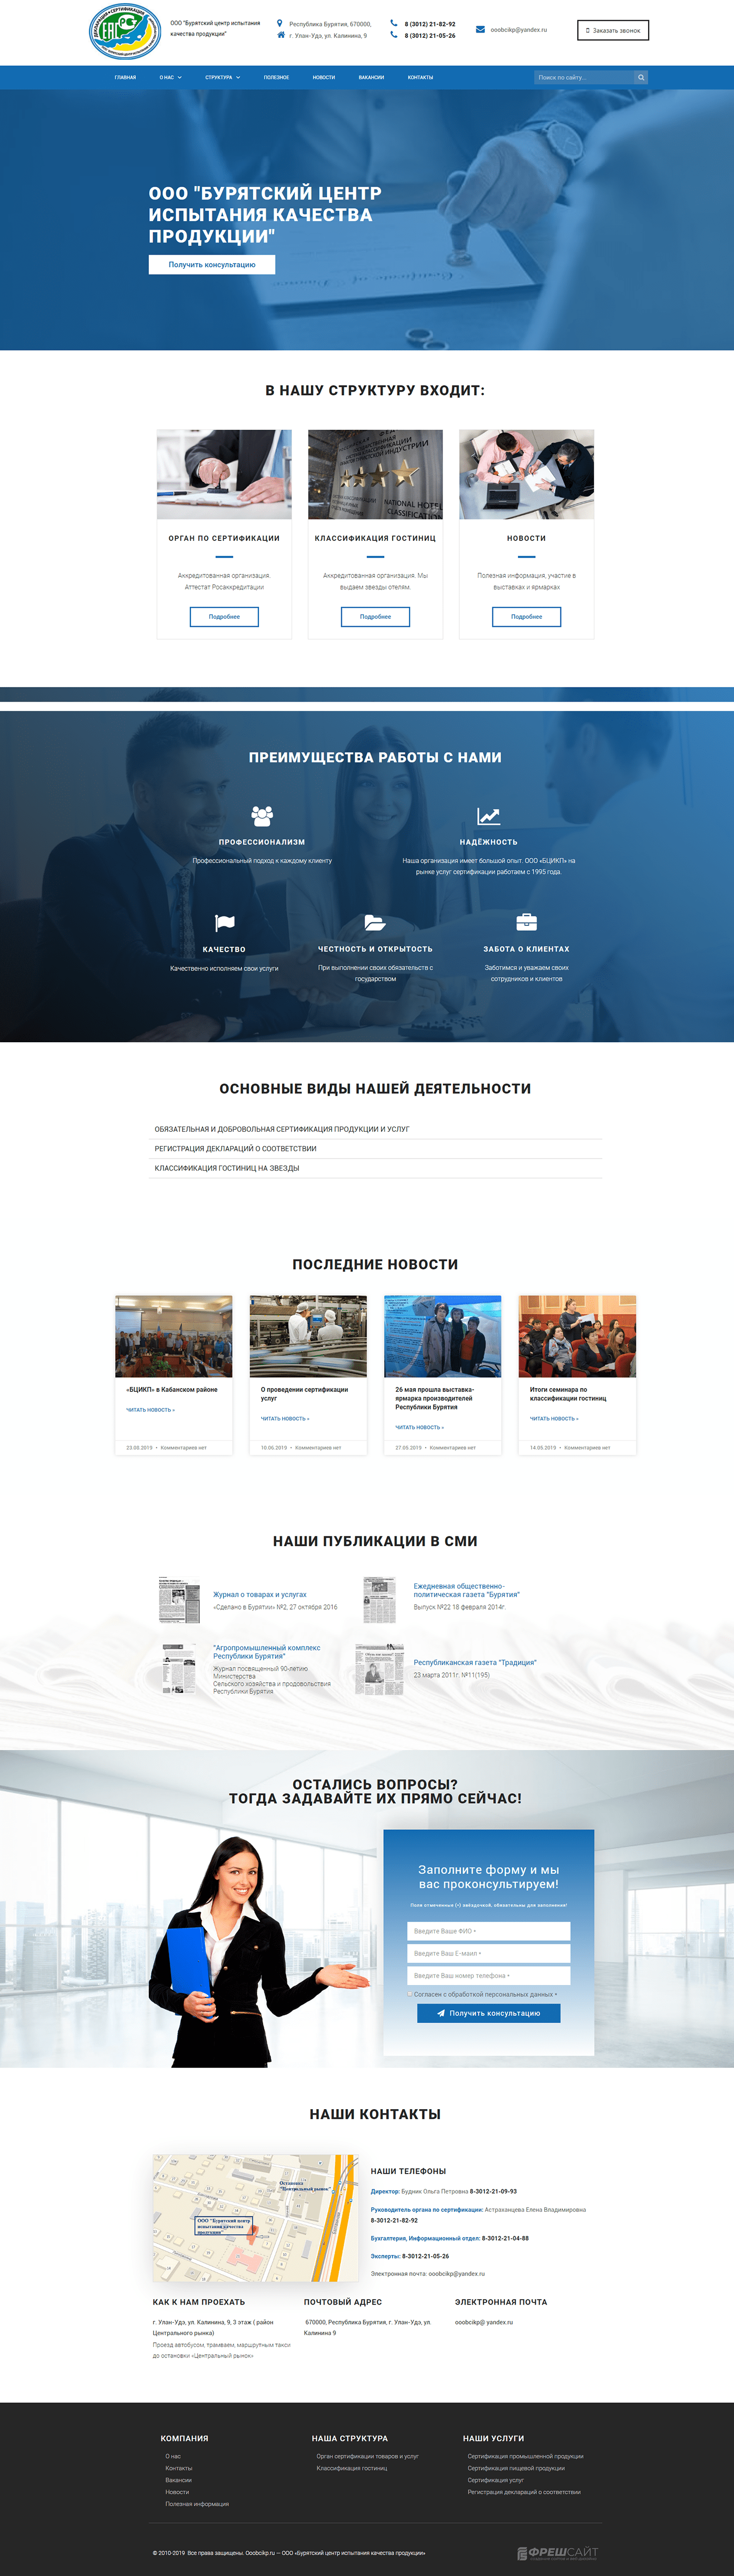 Информационный сайт,бизнес сай,elementor,wordpress,Многостраничный сайт,новостногй сайт